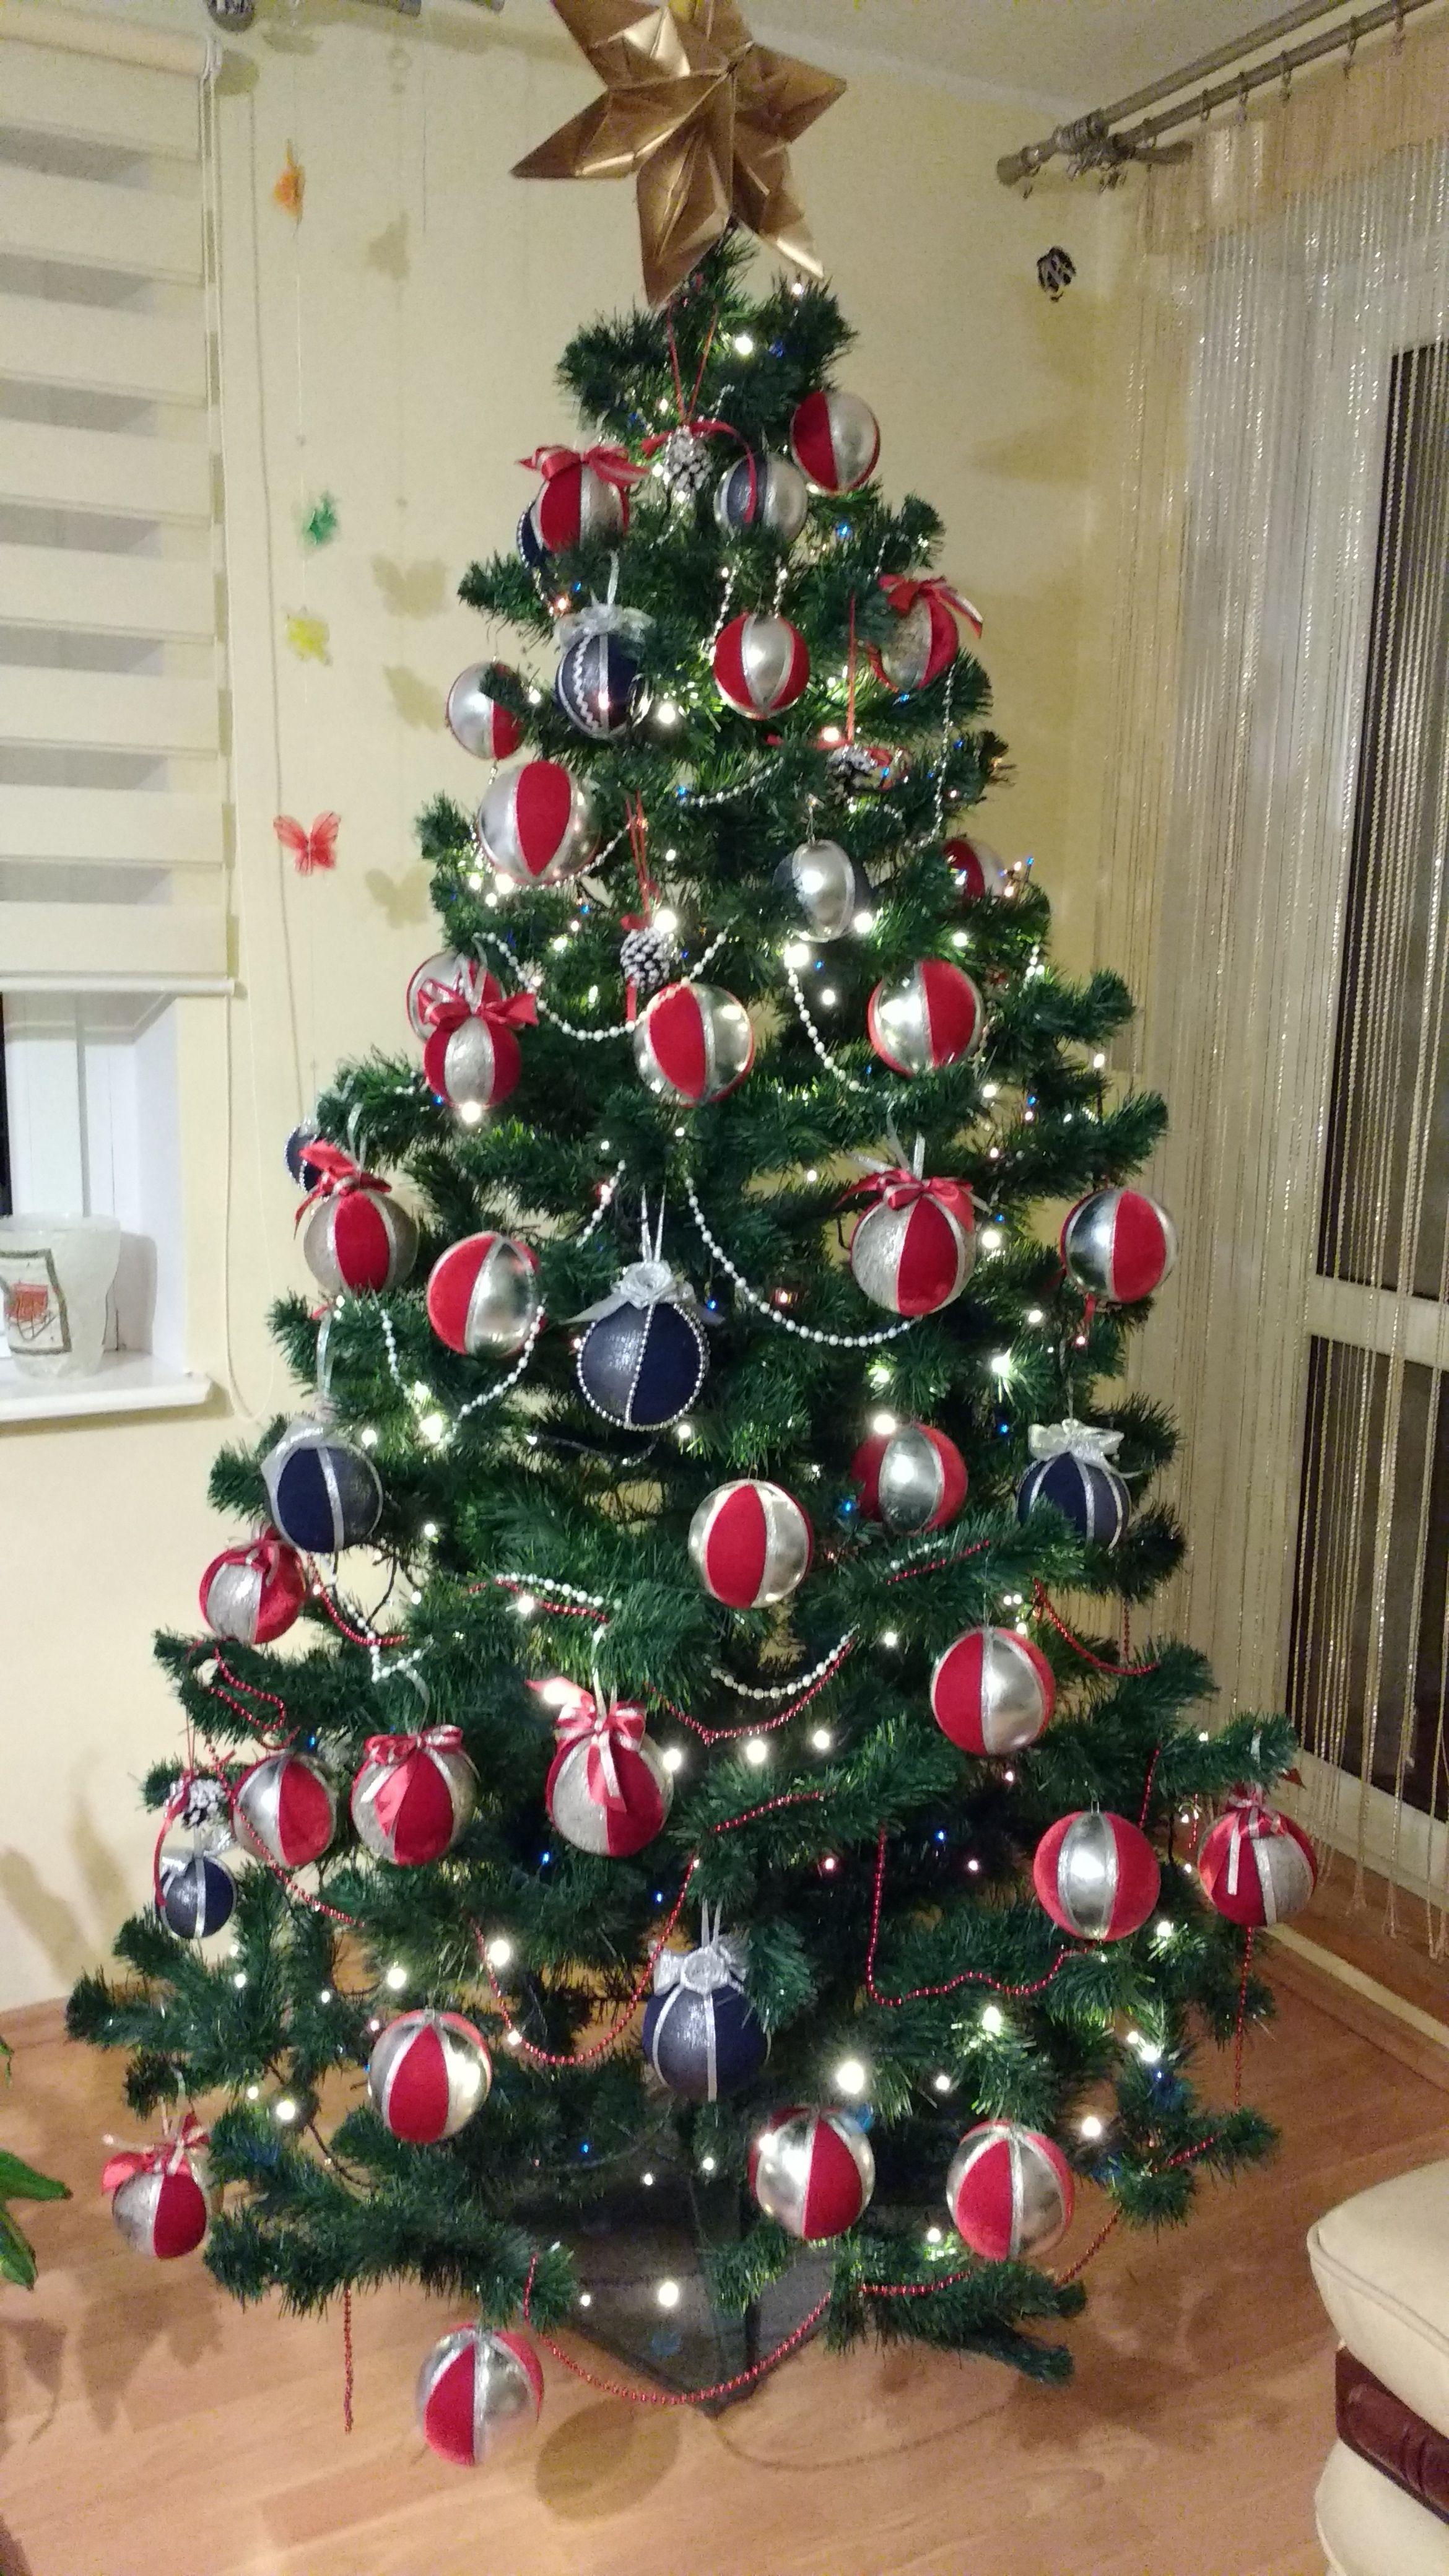 Choinka Czerwono Srebrna Christmas Tree Holiday Decor Holiday